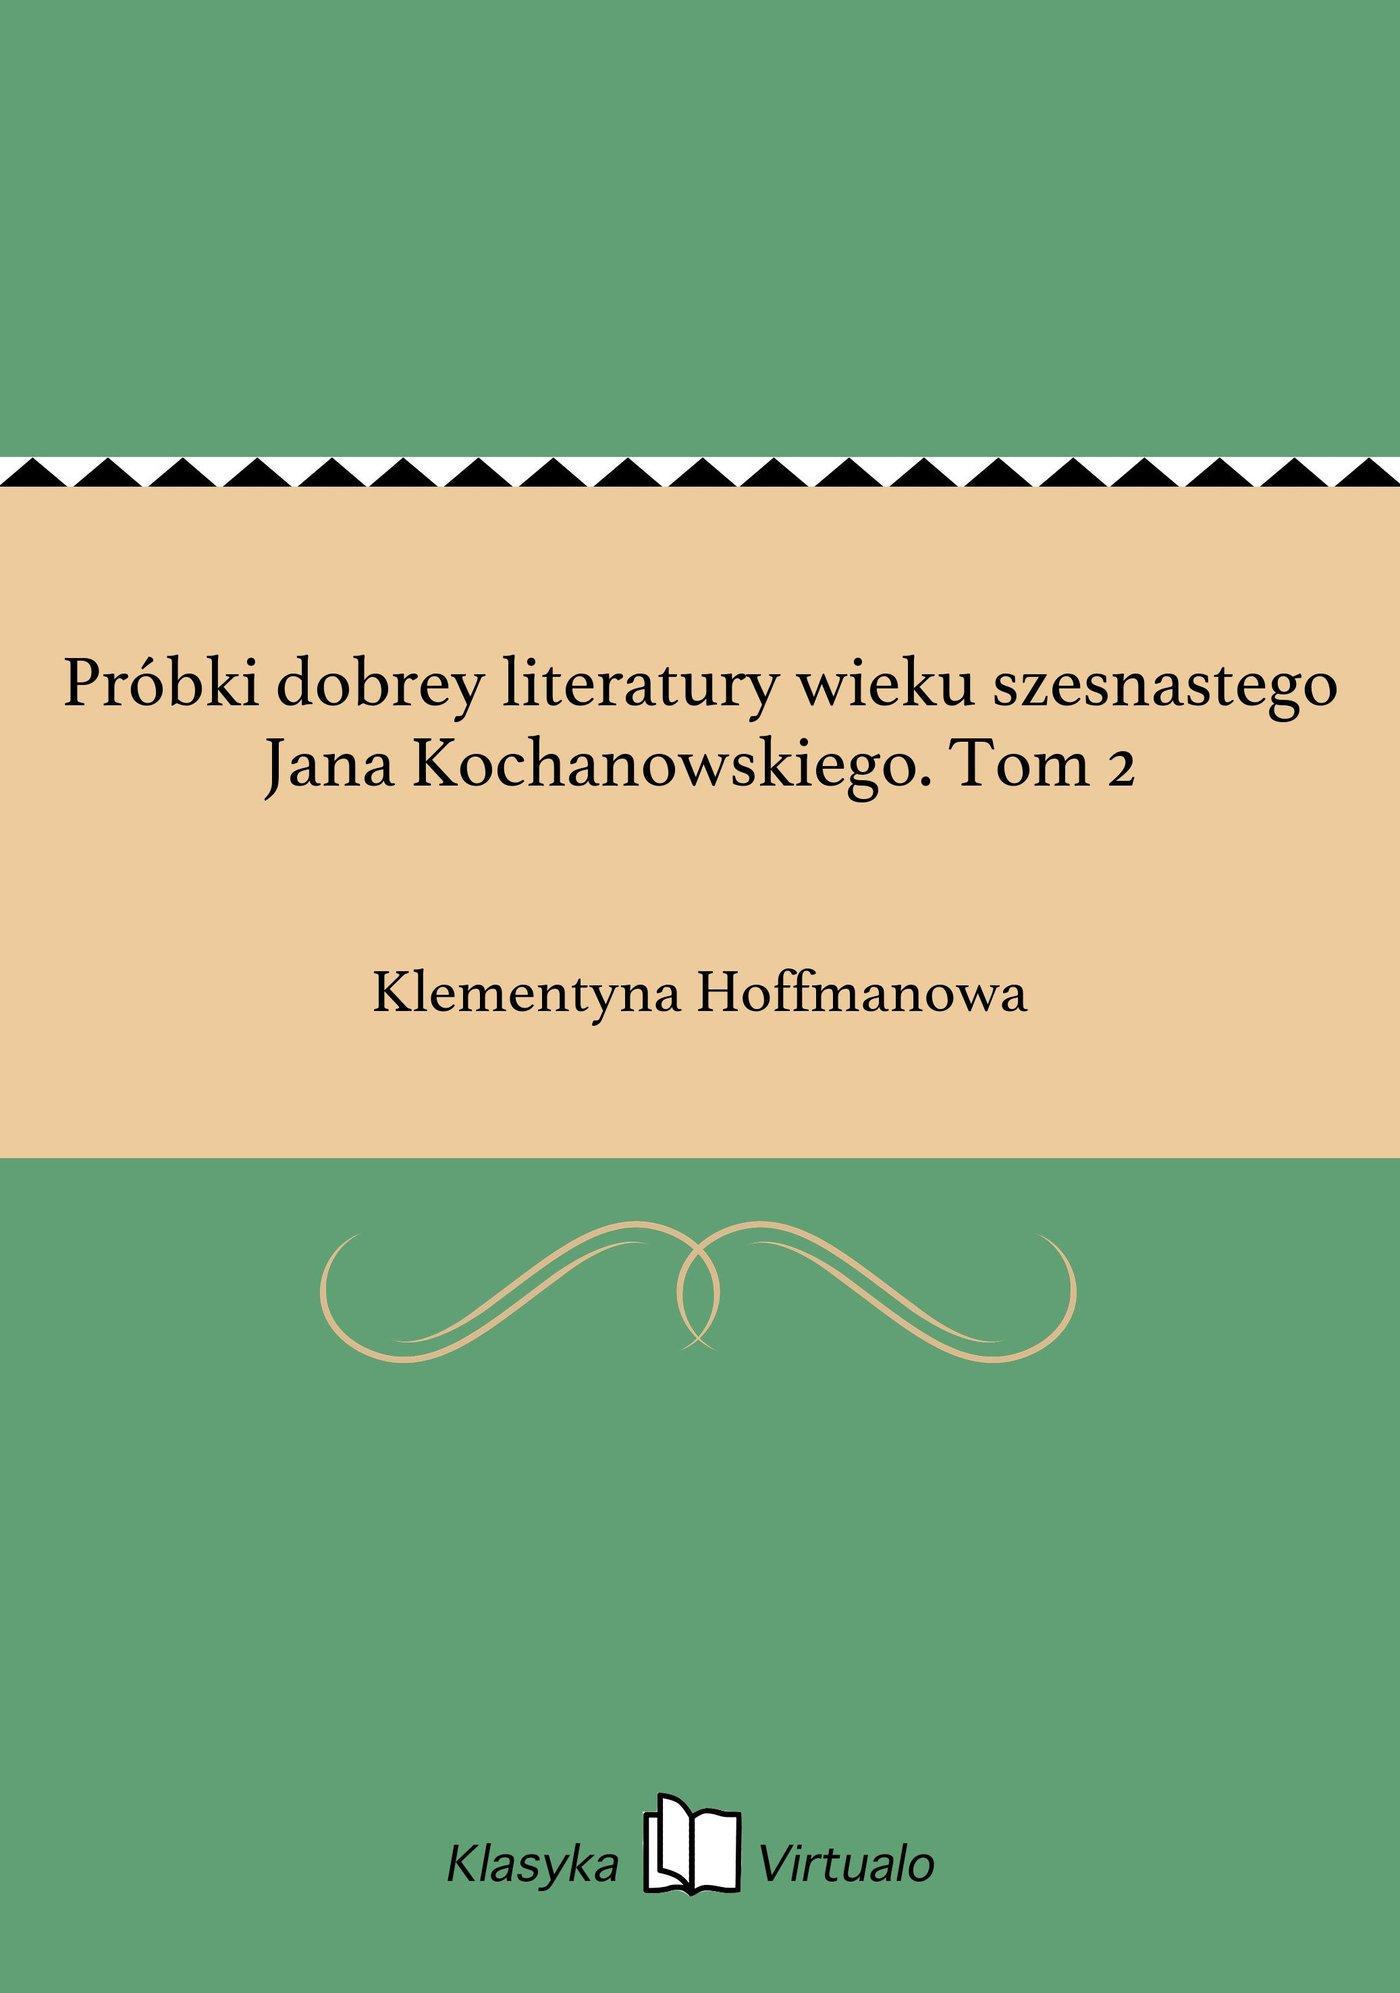 Próbki dobrey literatury wieku szesnastego Jana Kochanowskiego. Tom 2 - Ebook (Książka EPUB) do pobrania w formacie EPUB